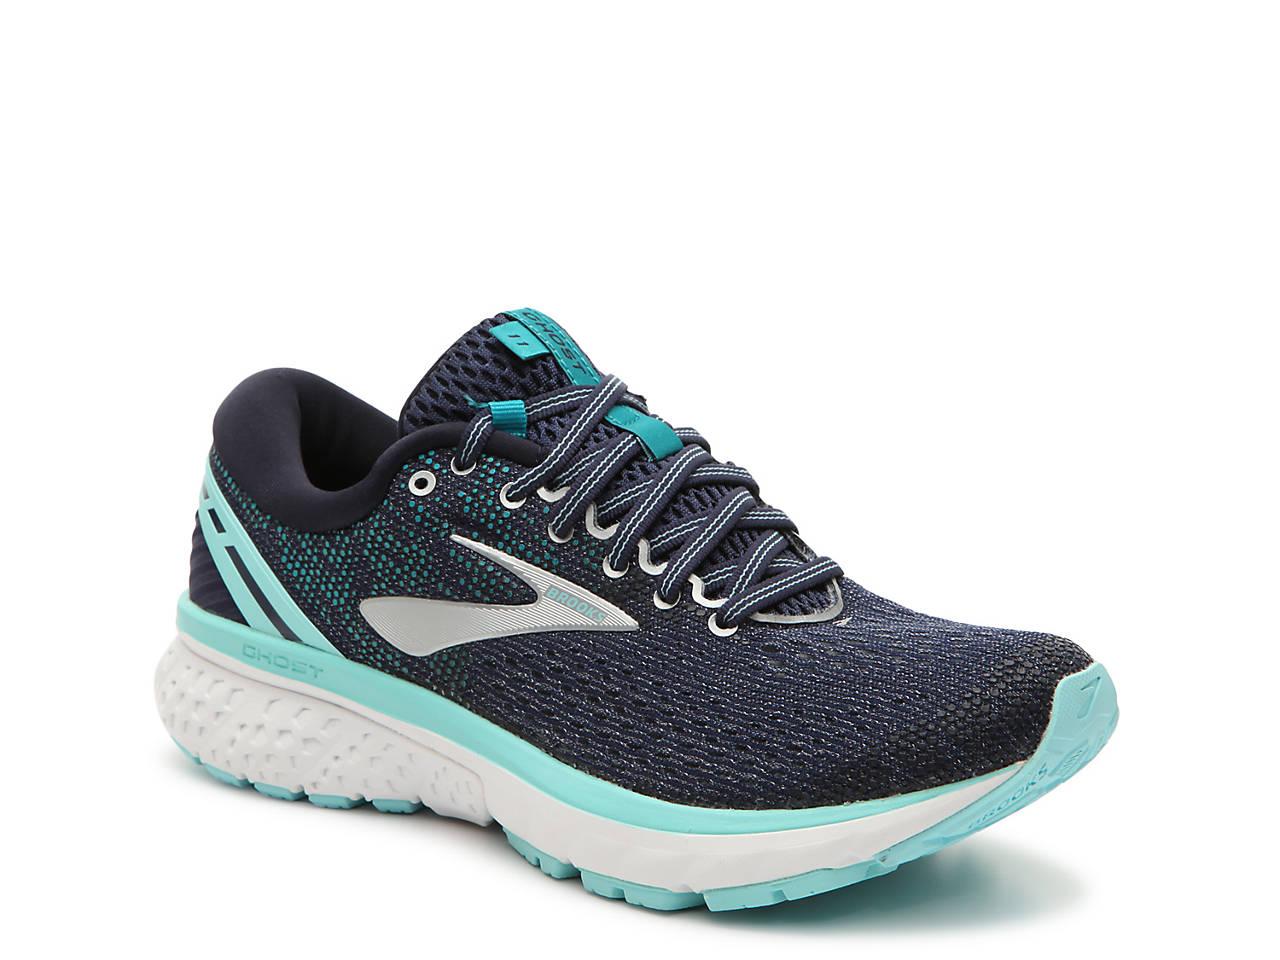 35e05ce78e3 Brooks Ghost 11 Running Shoe - Women s Women s Shoes